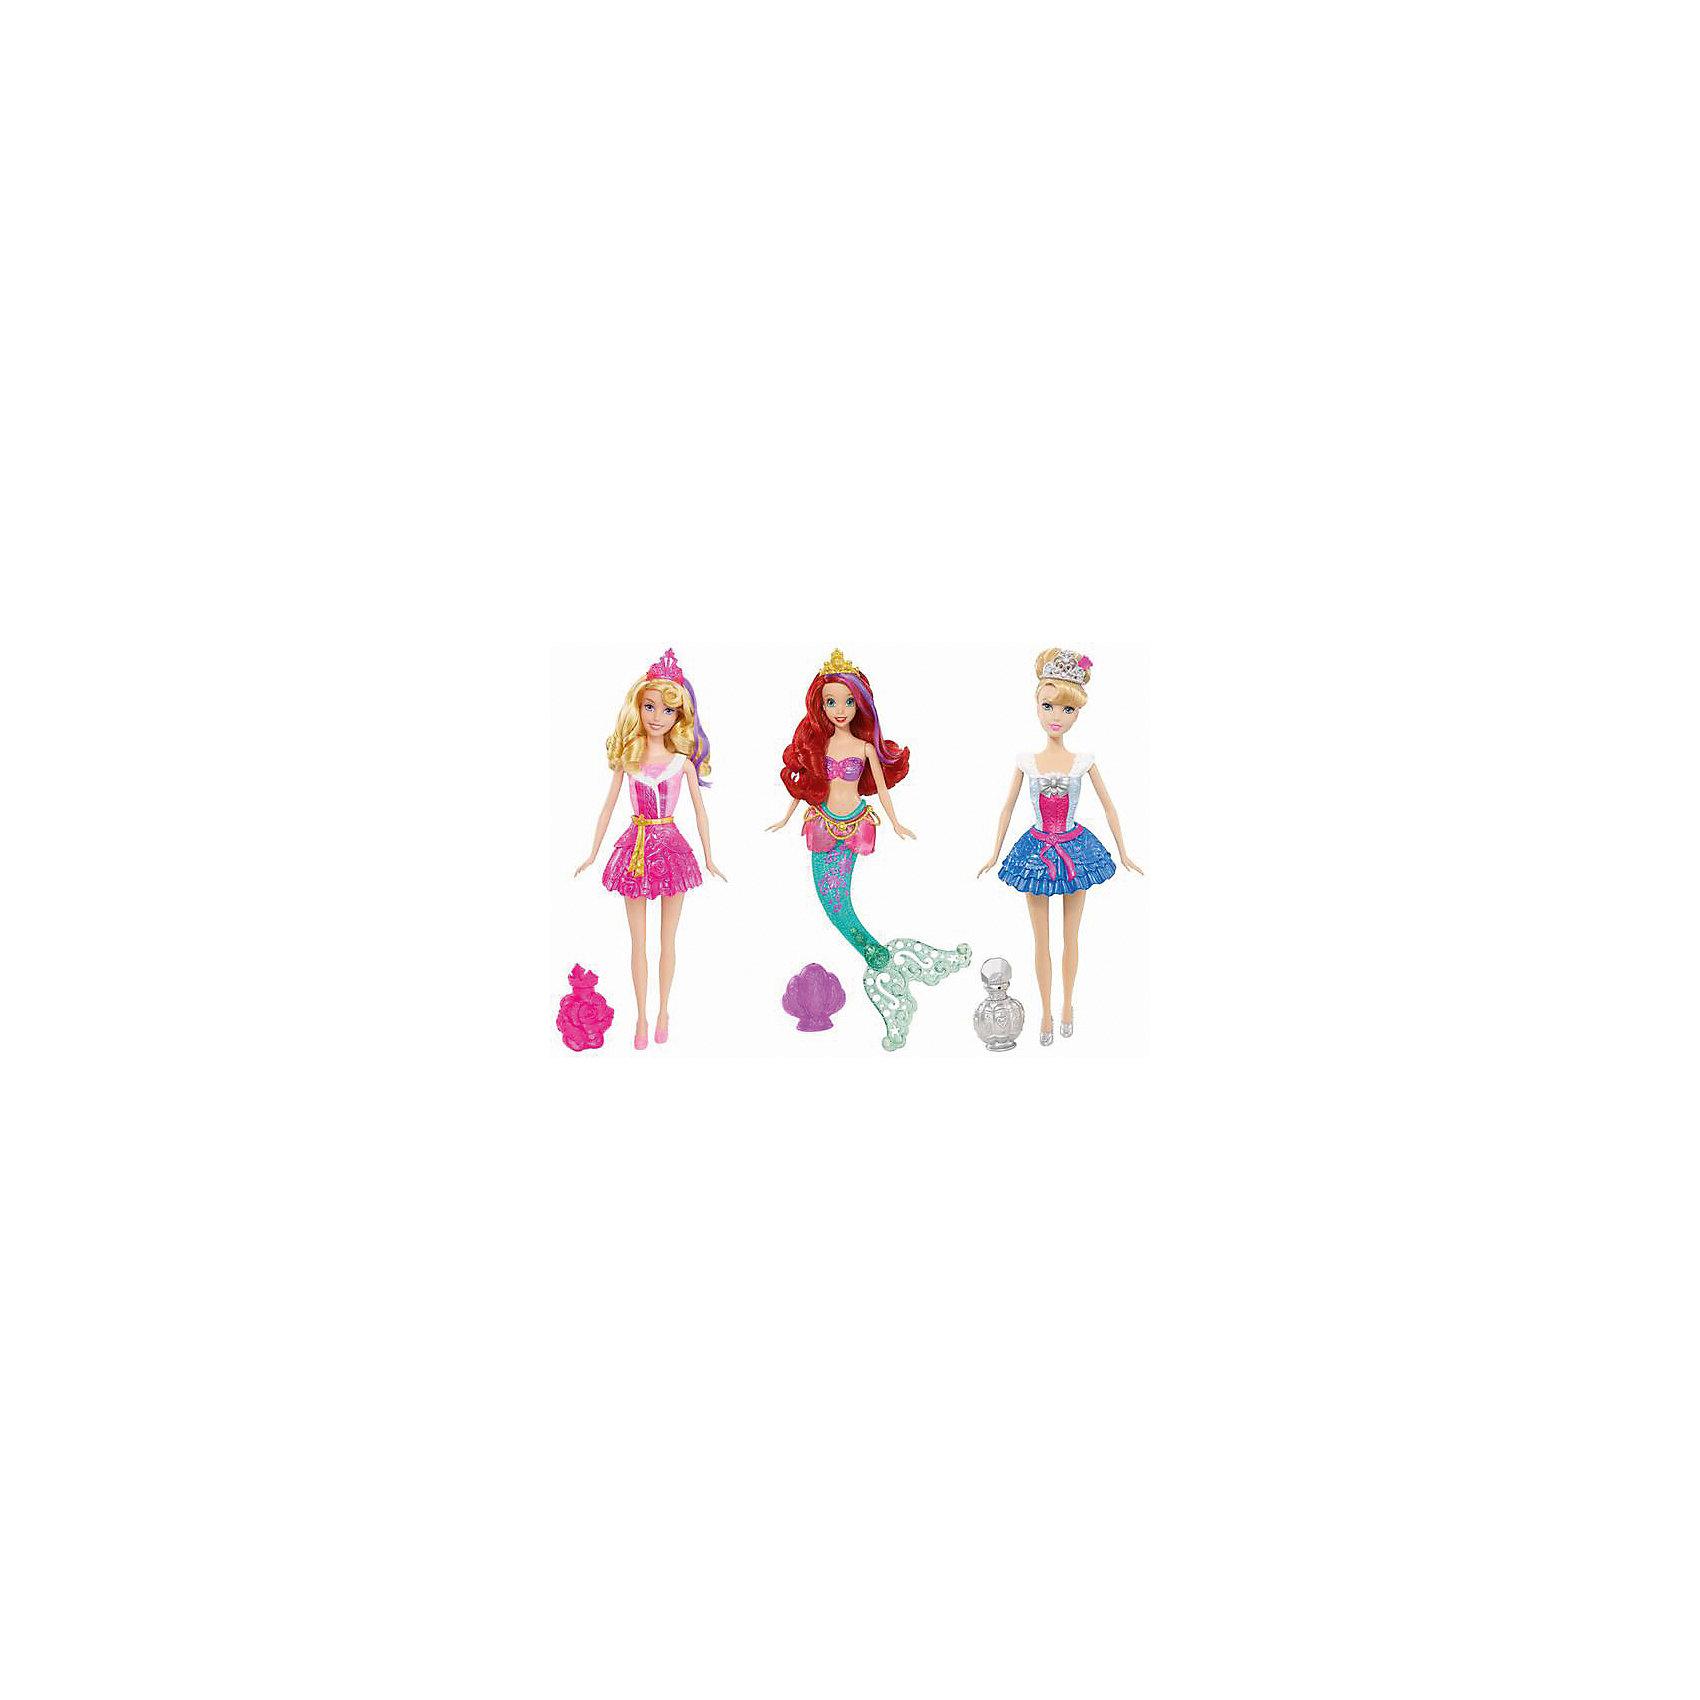 Mattel Кукла Принцессы Дисней (Золушка, Ариэль, Аврора), в ассортименте кукла золушка 7 5 см принцессы дисней